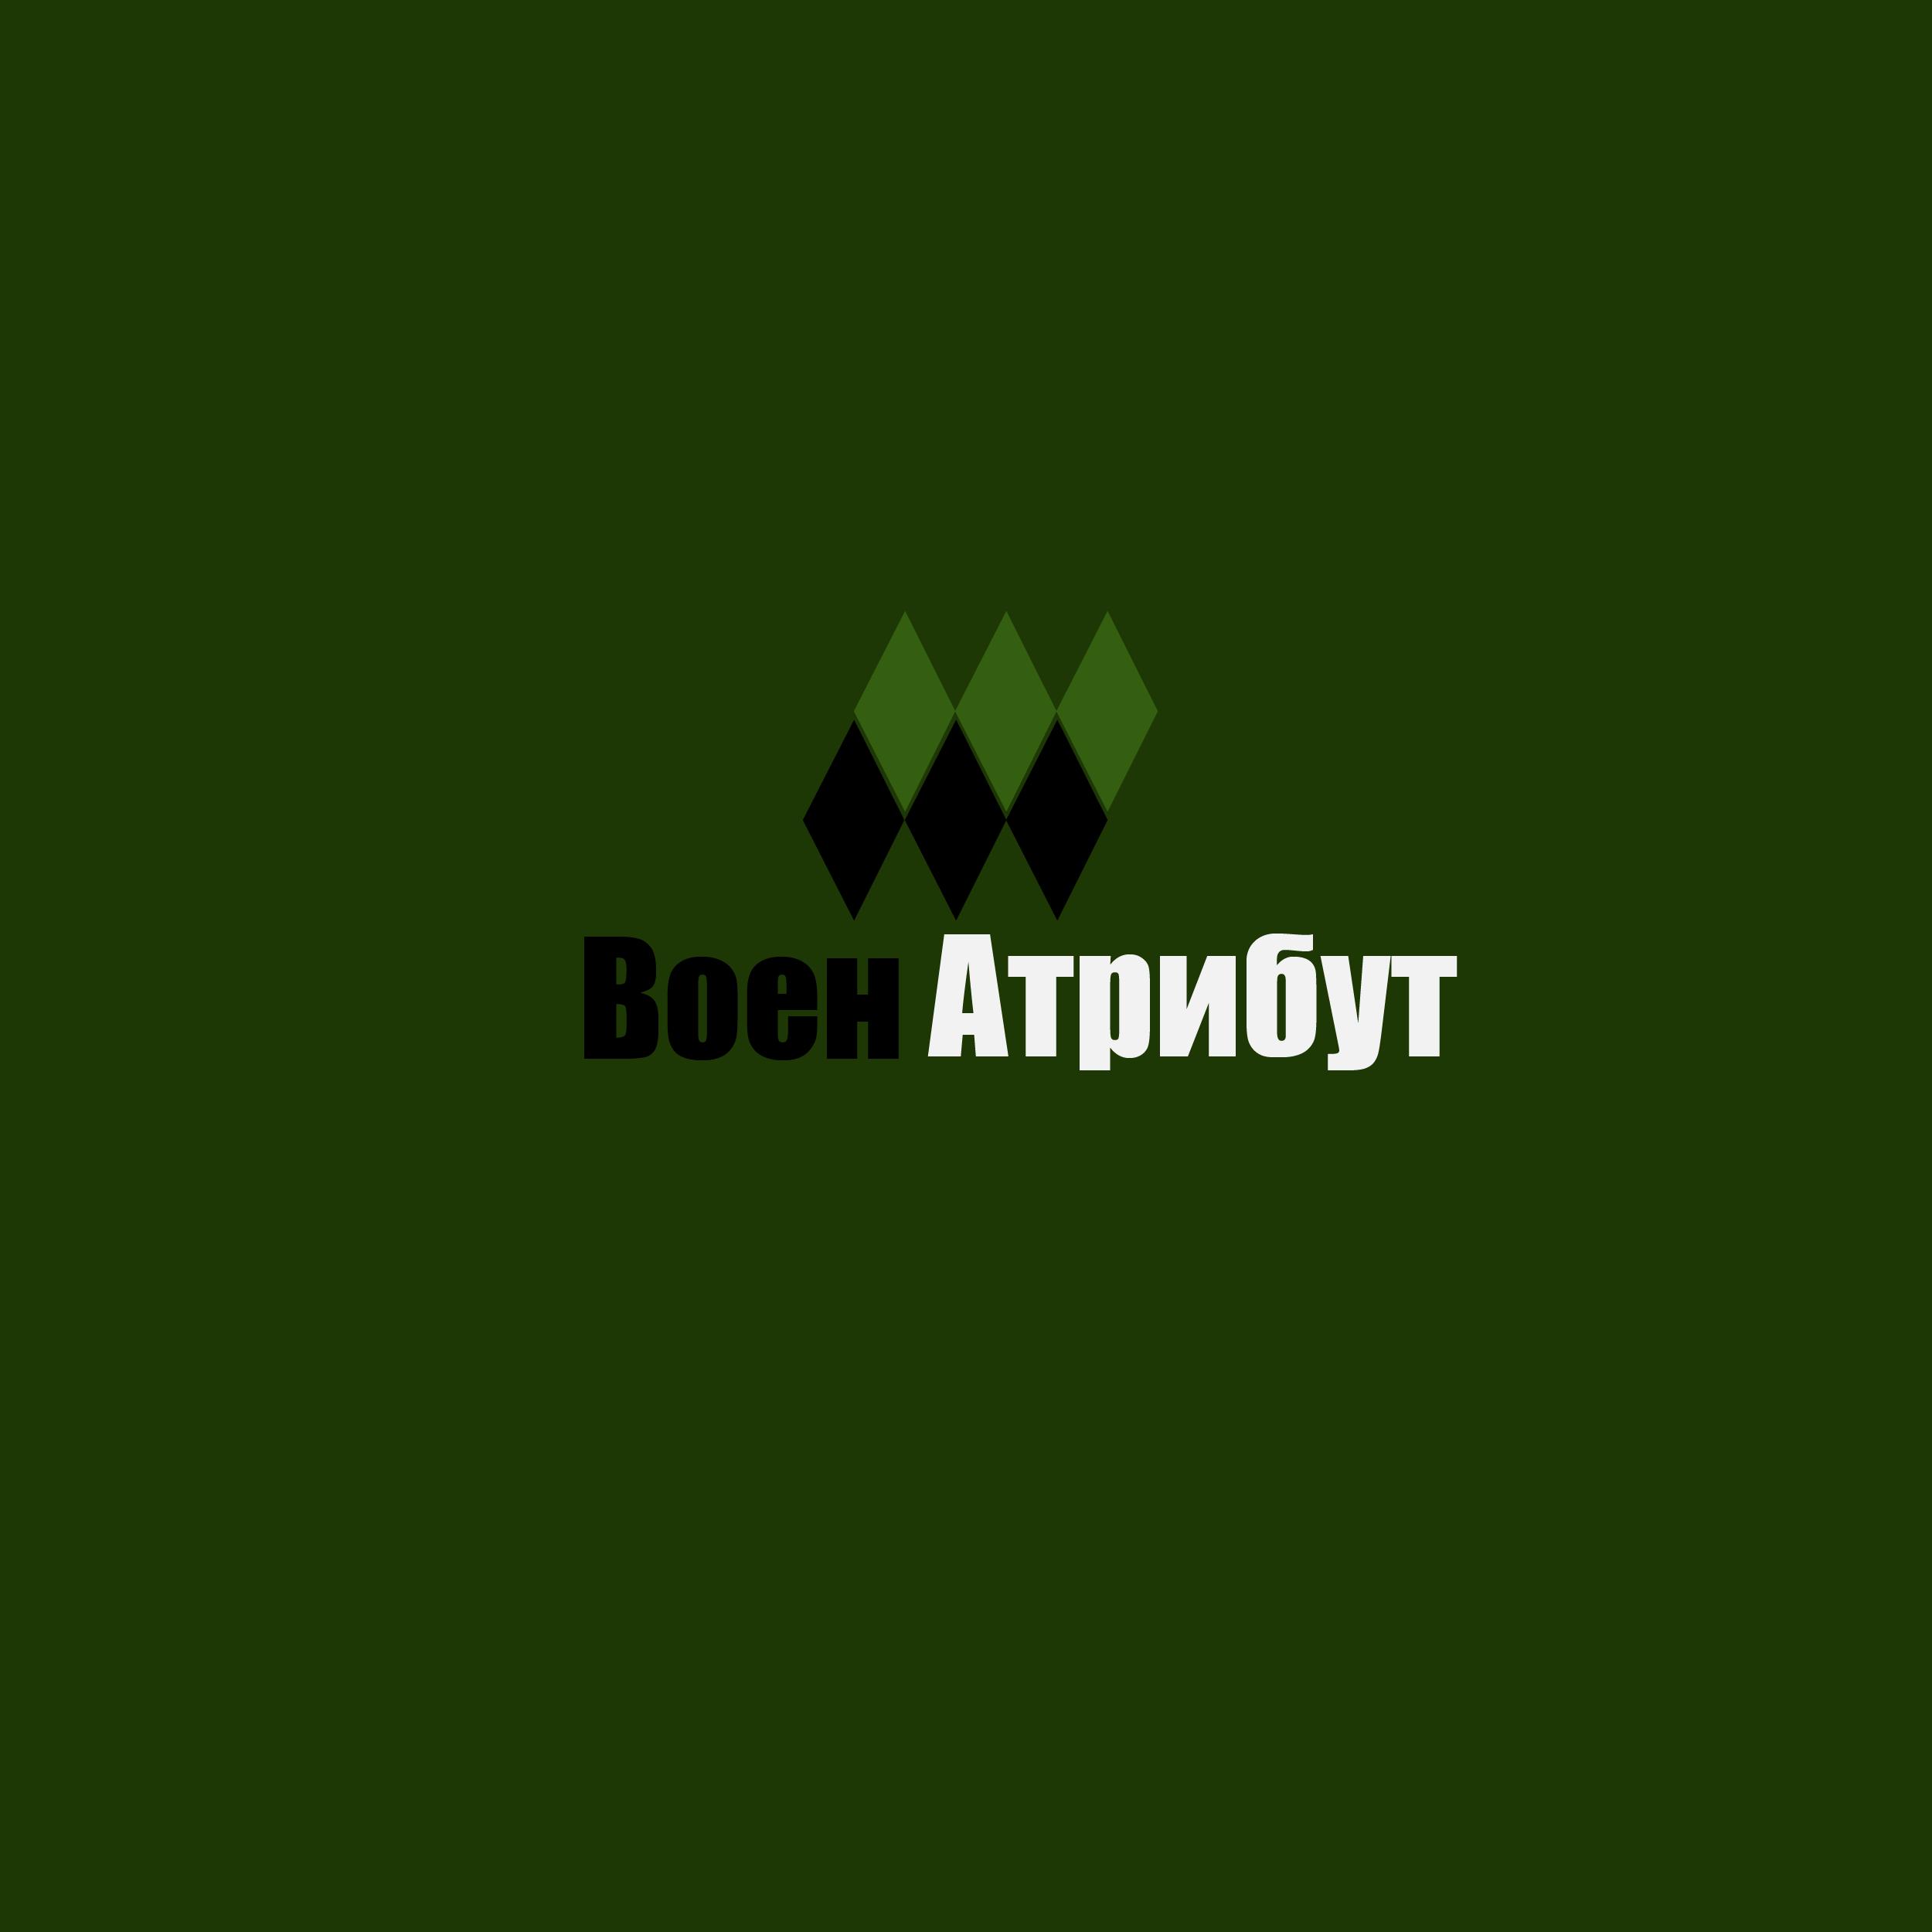 Разработка логотипа для компании военной тематики фото f_504601c18ba53b6f.png